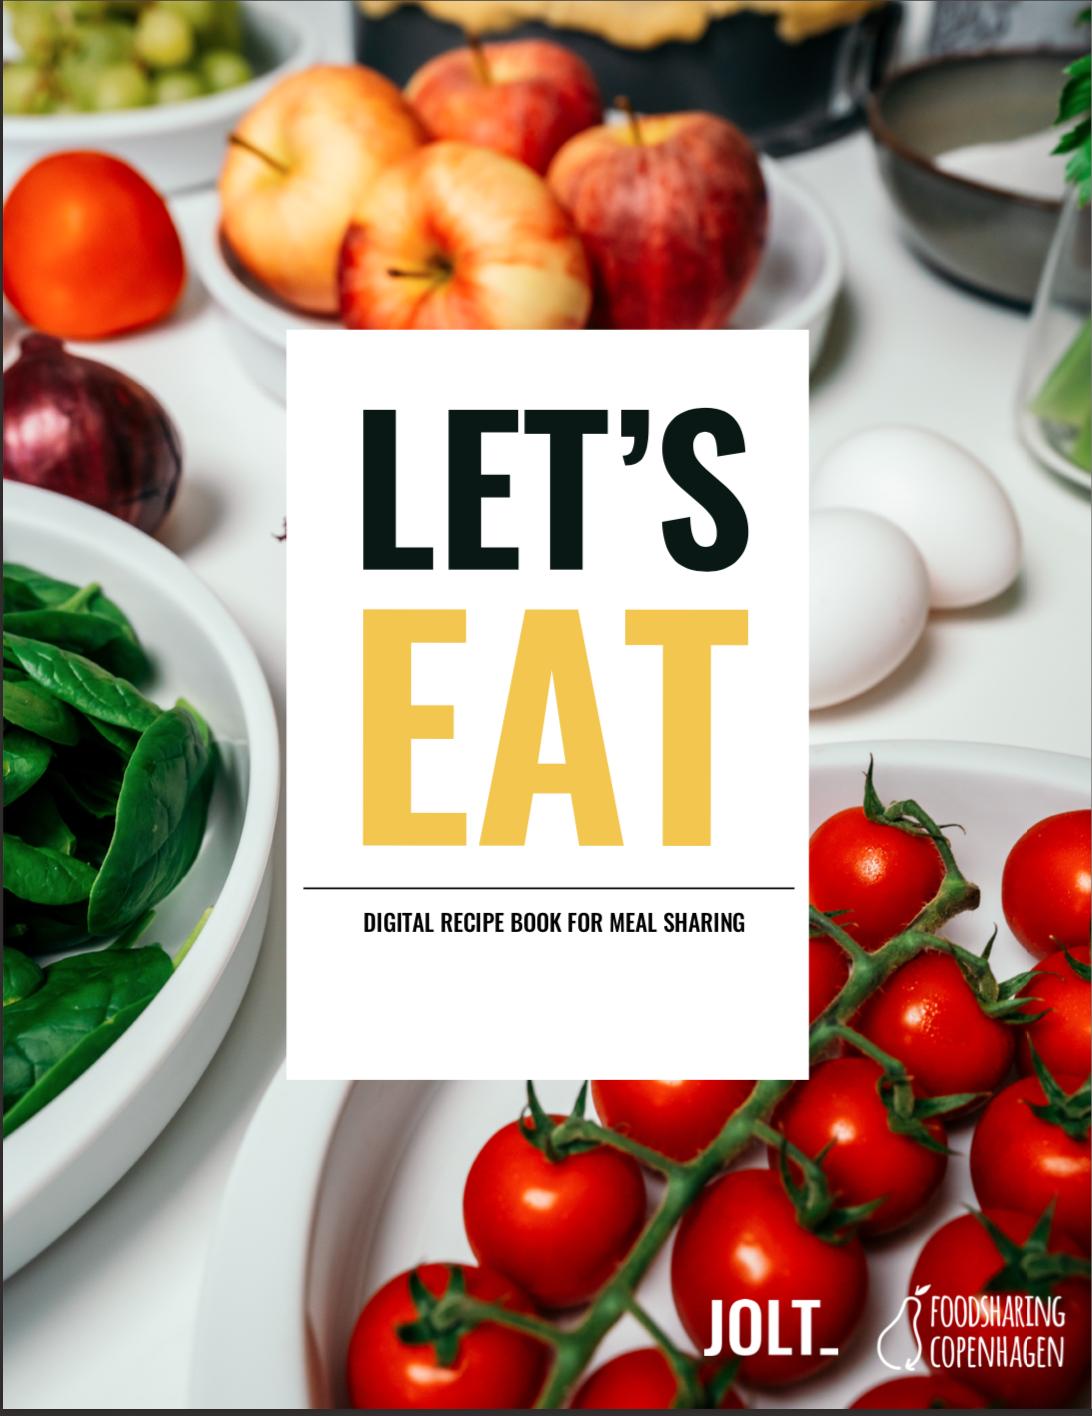 LET'S EAT! DIGITAL RECIPE BOOK